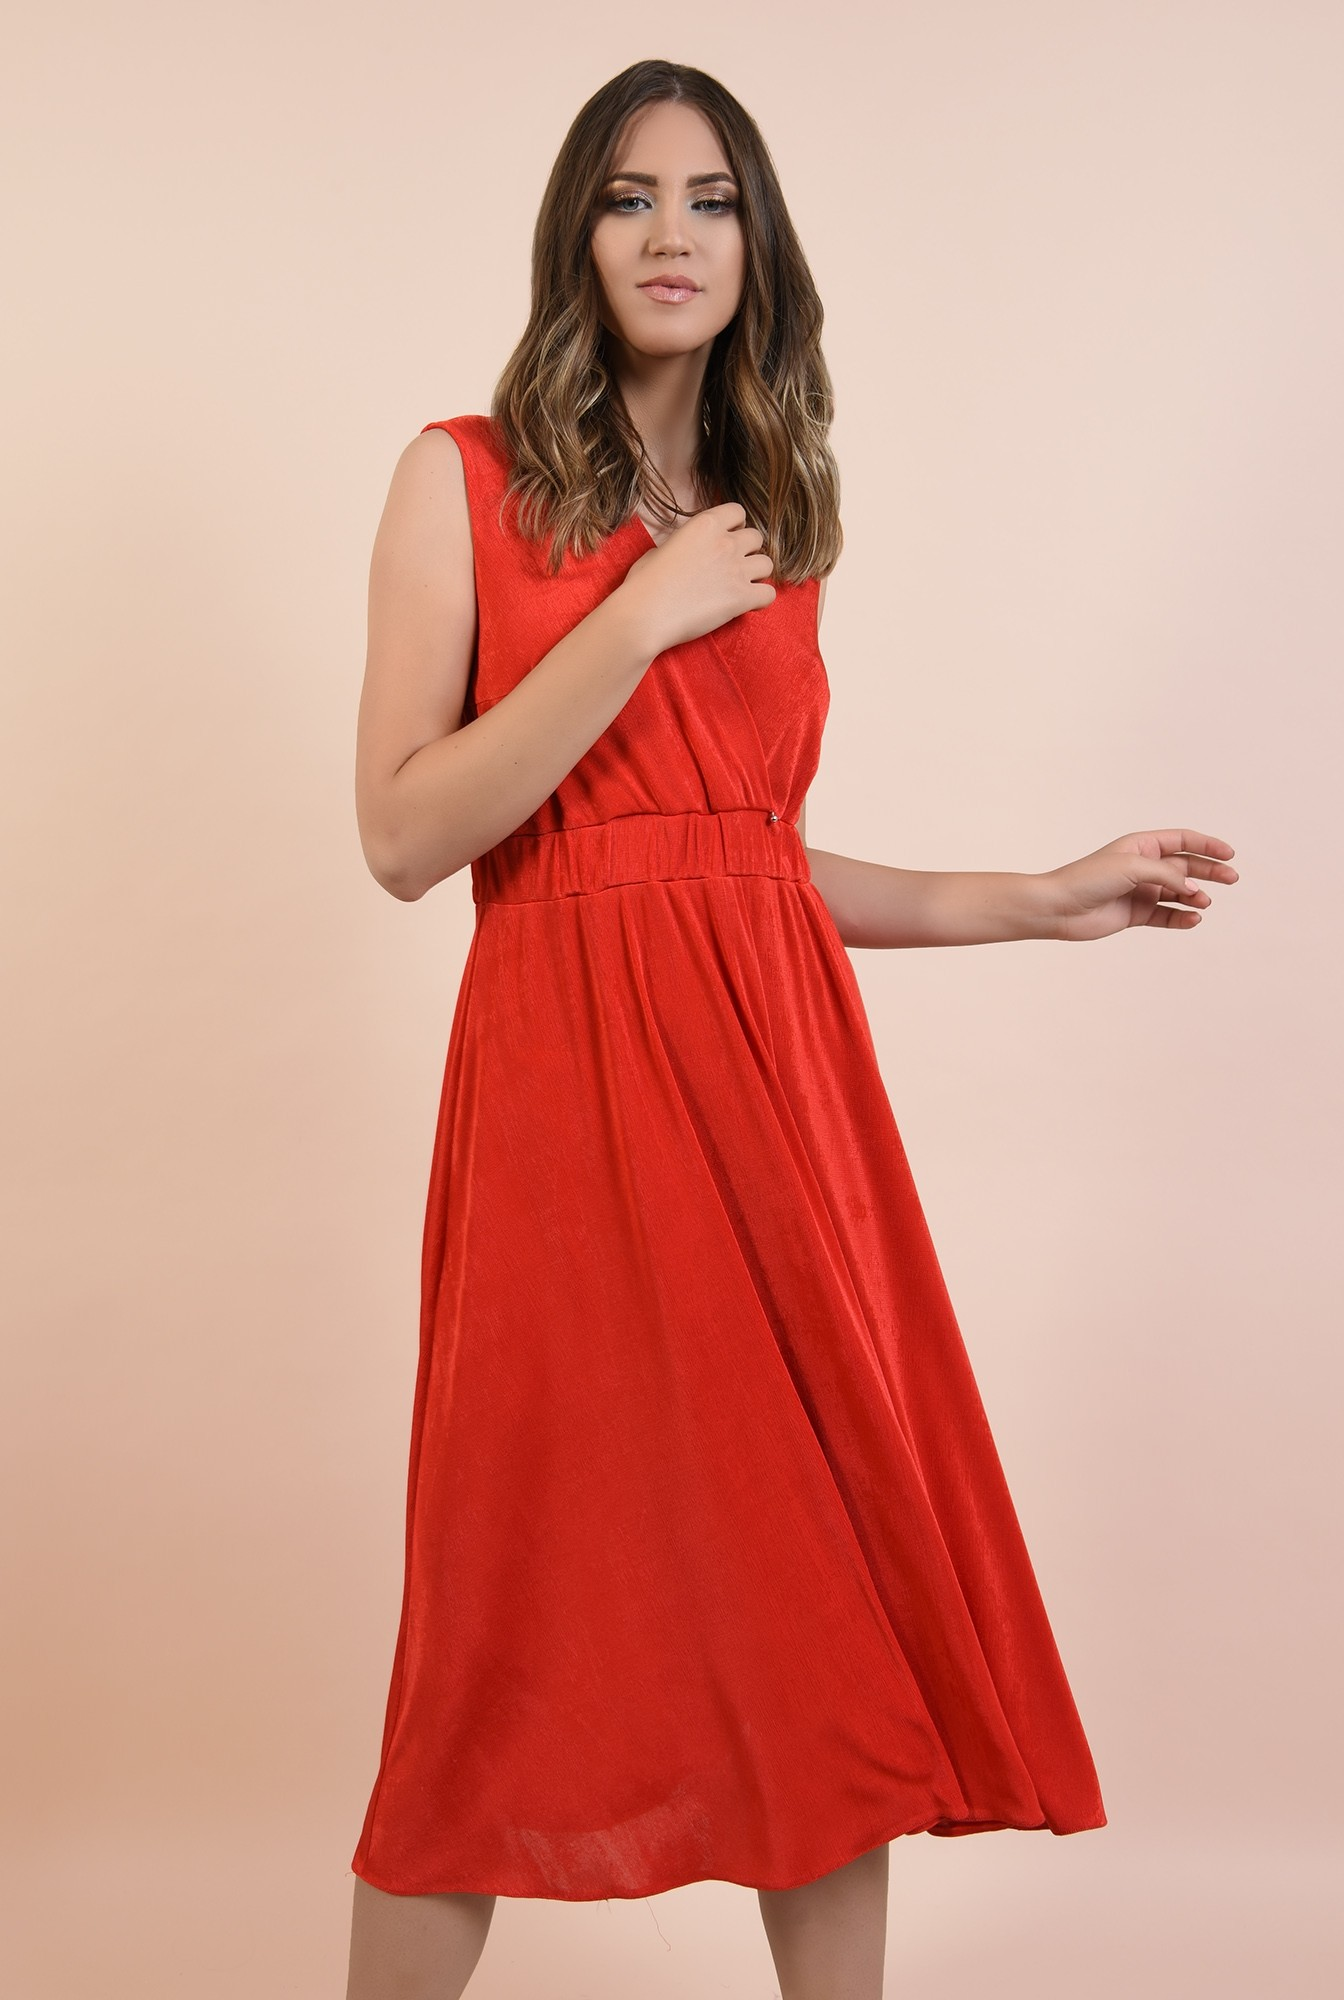 2 - rochie de seara, rosie, midi, evazata, spate cu snur, decolteu anchior petrecut